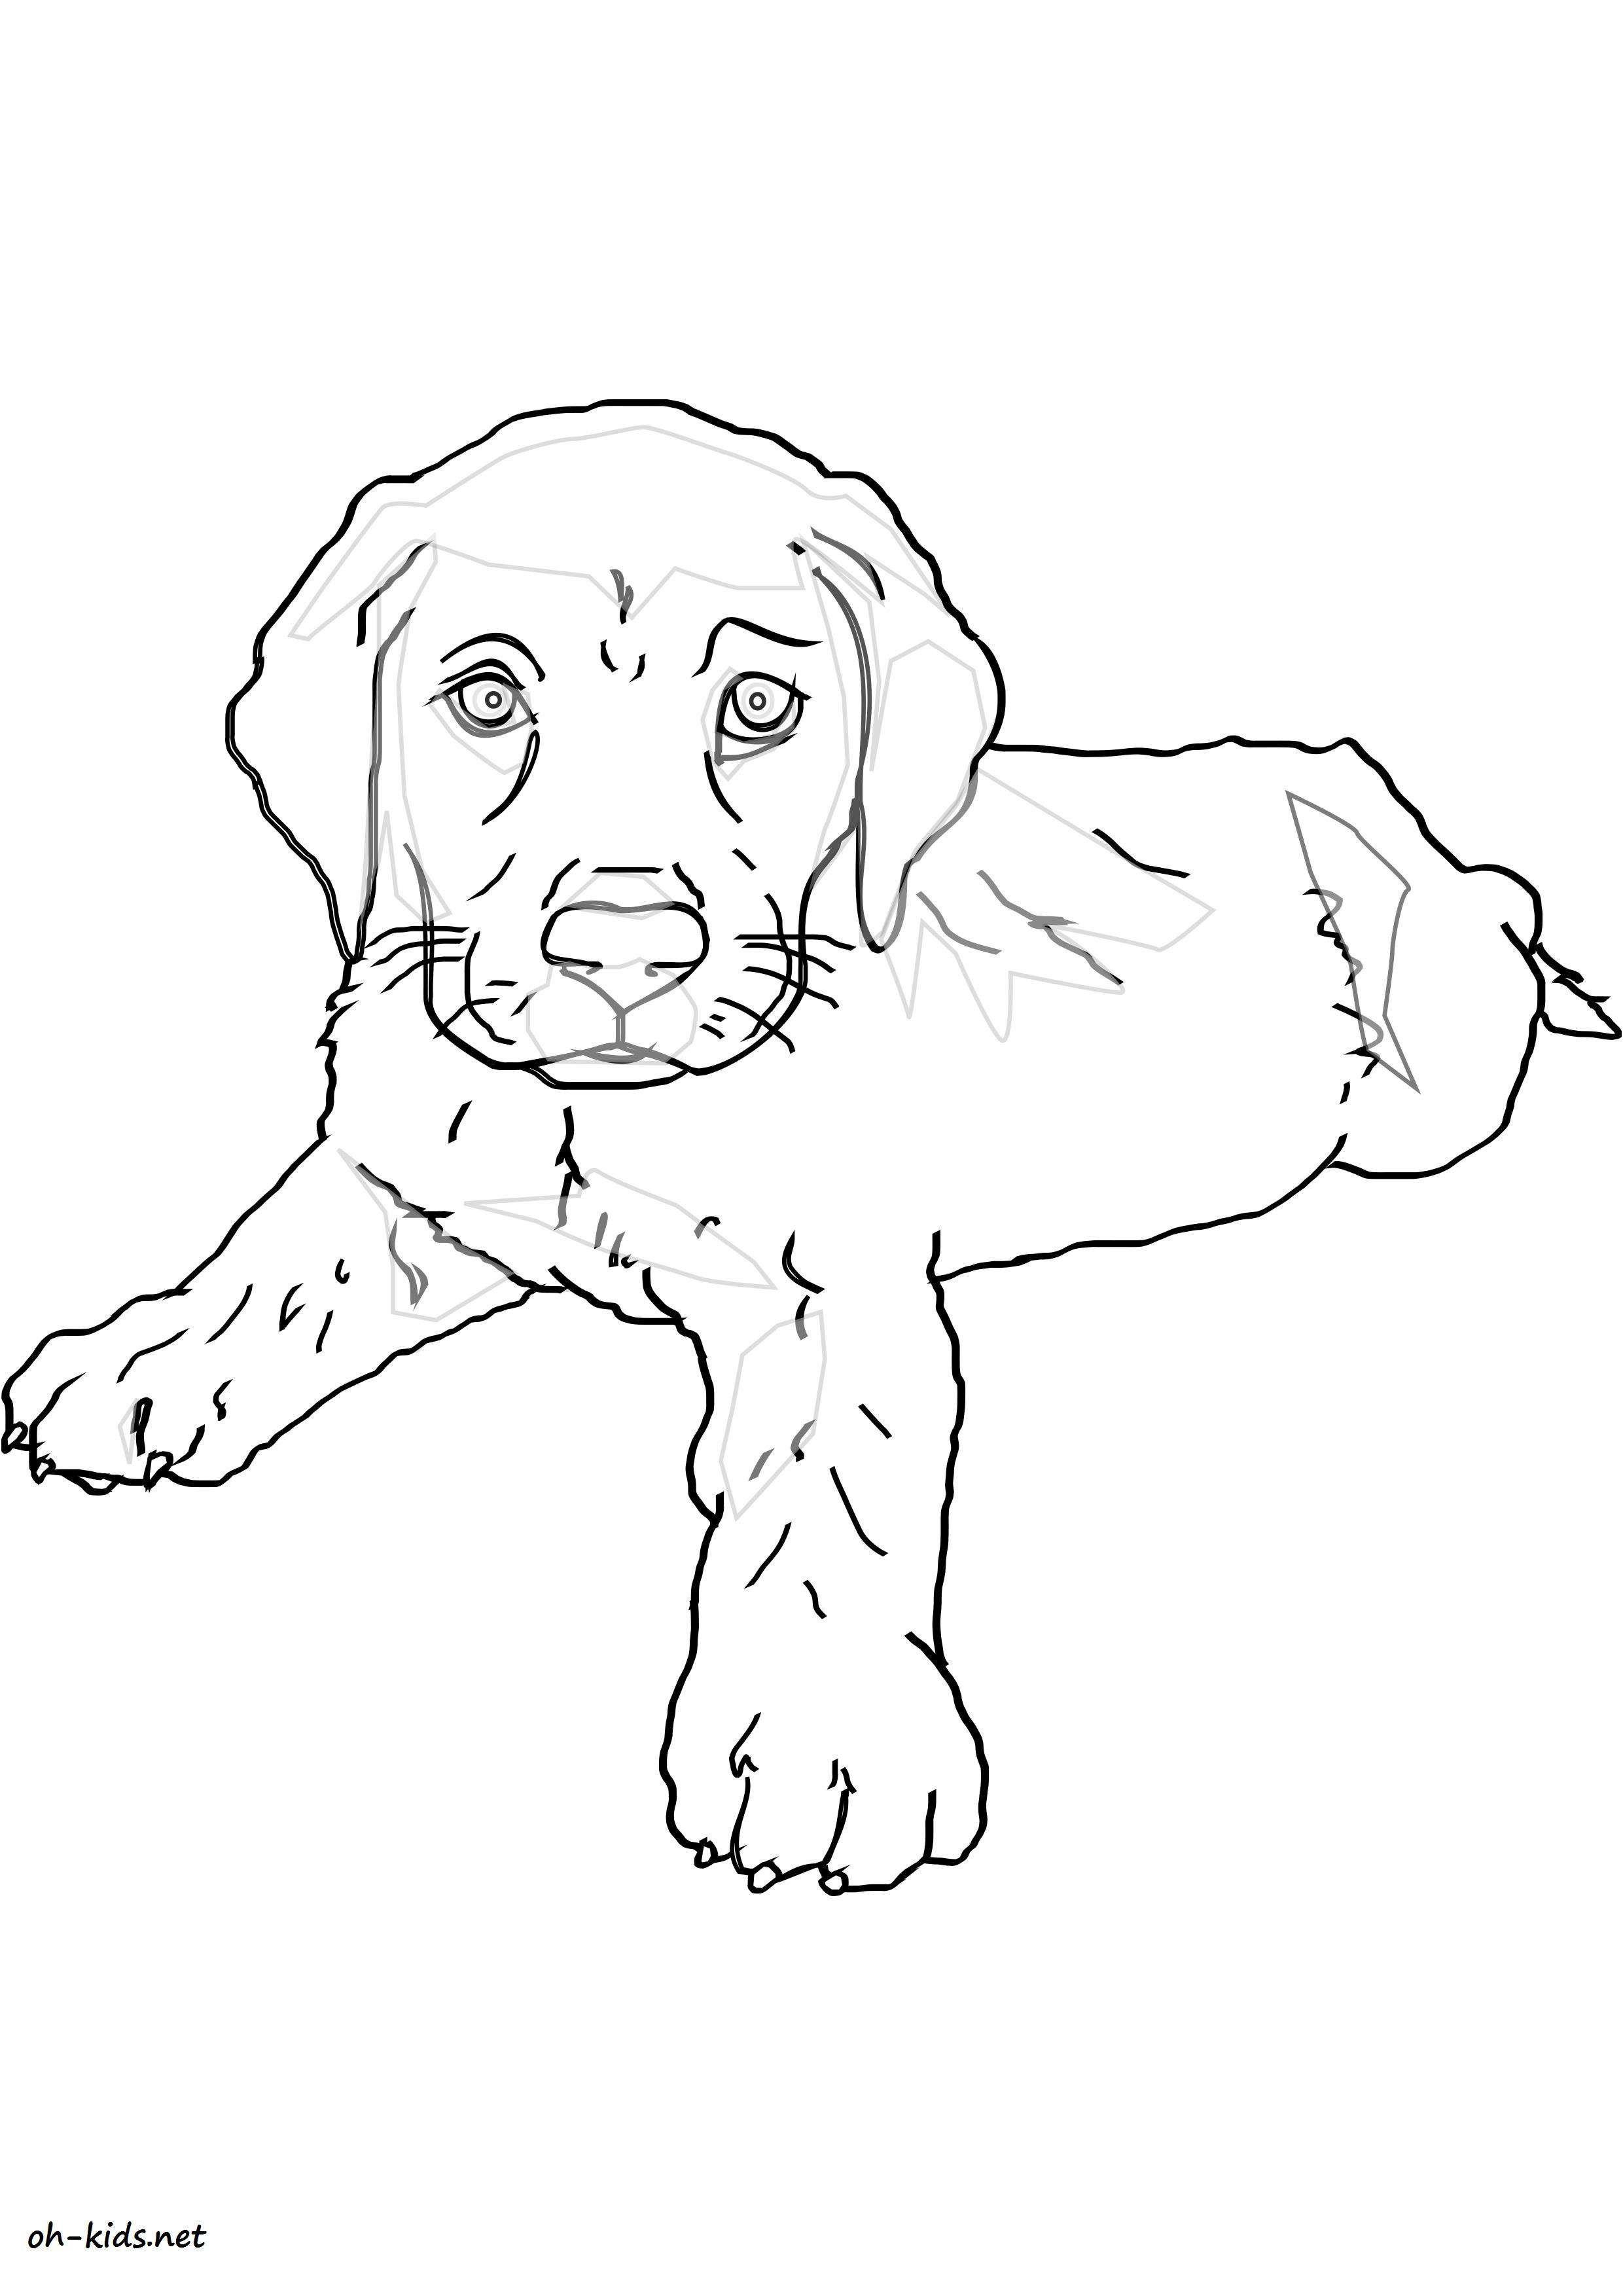 10 Qualité Coloriage Labrador Photos tout Coloriage Labrador